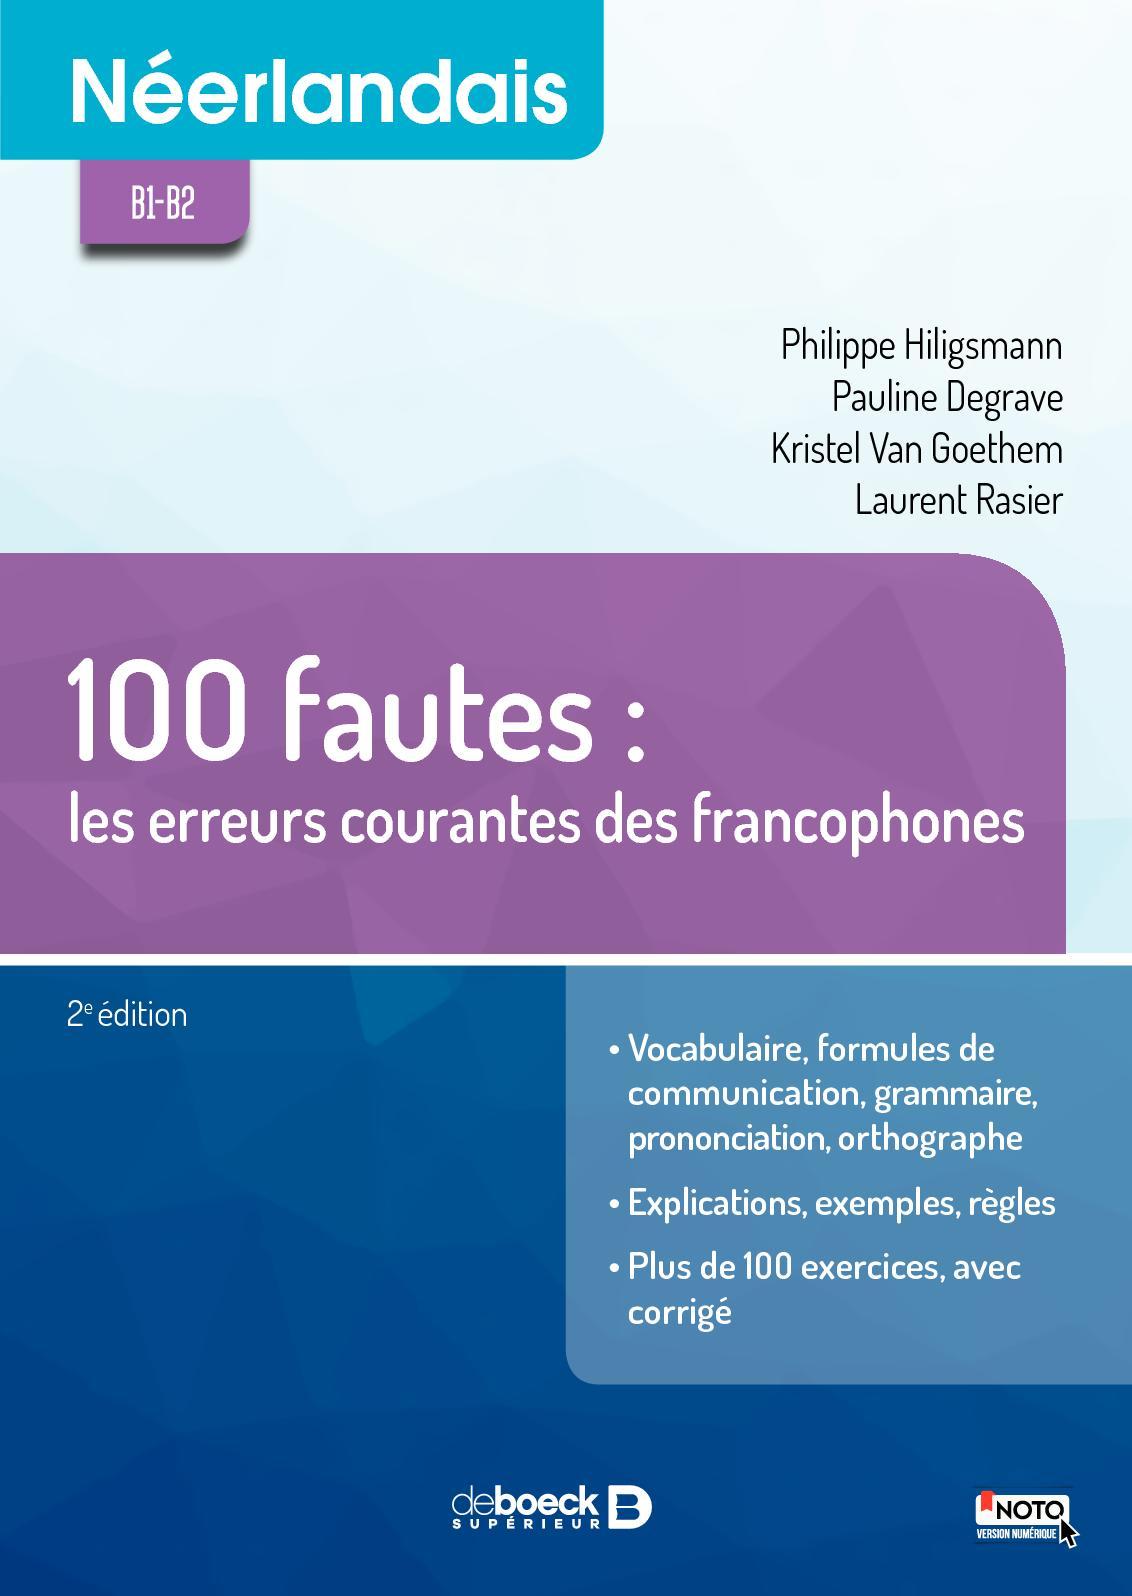 Néerlandais - 100 fautes